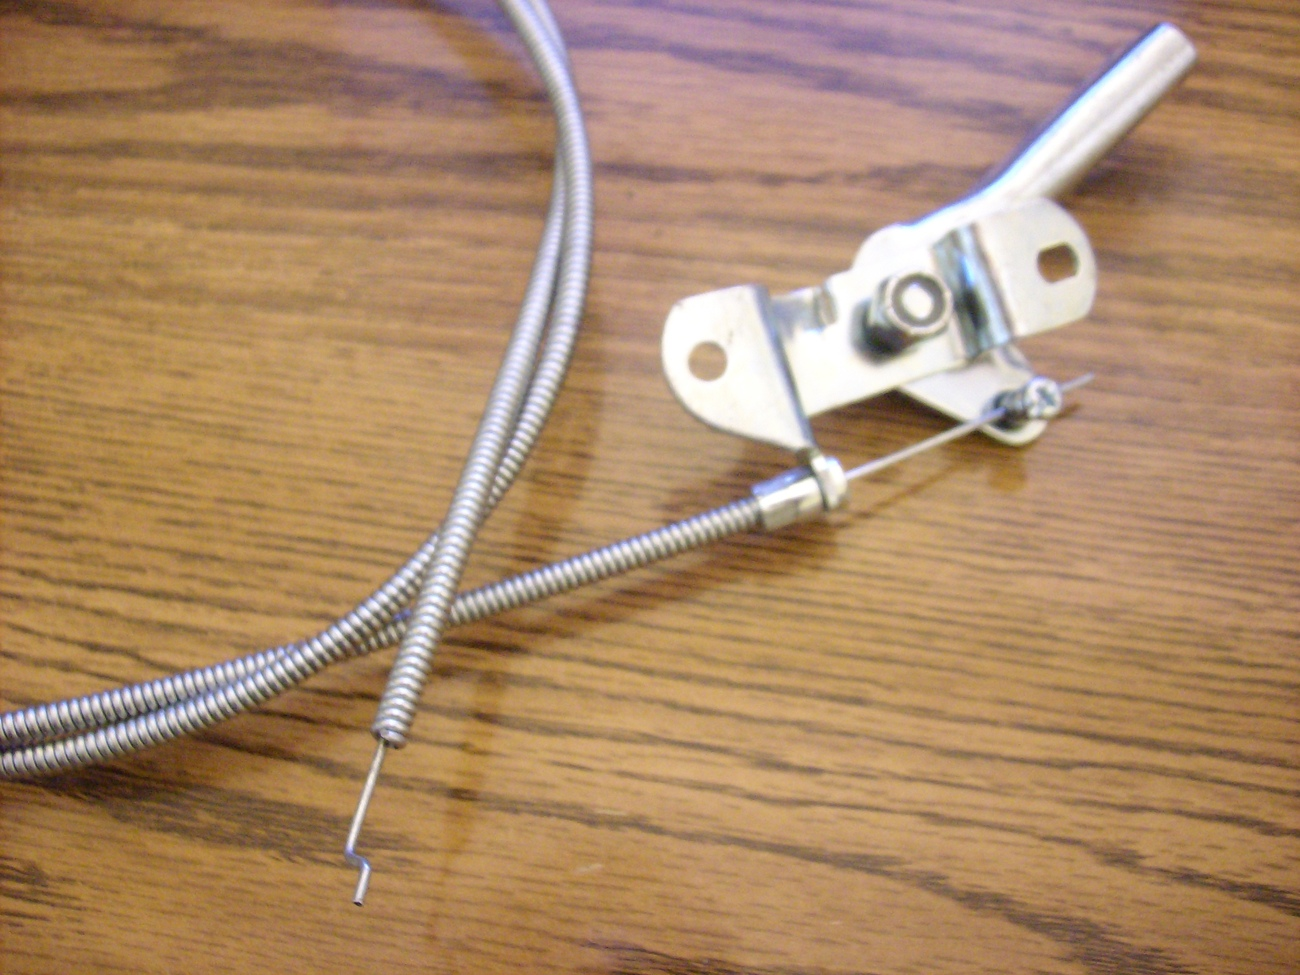 Troy Bilt Horse Carburetor Throttle Cable 9015, GW-9015, GW9015